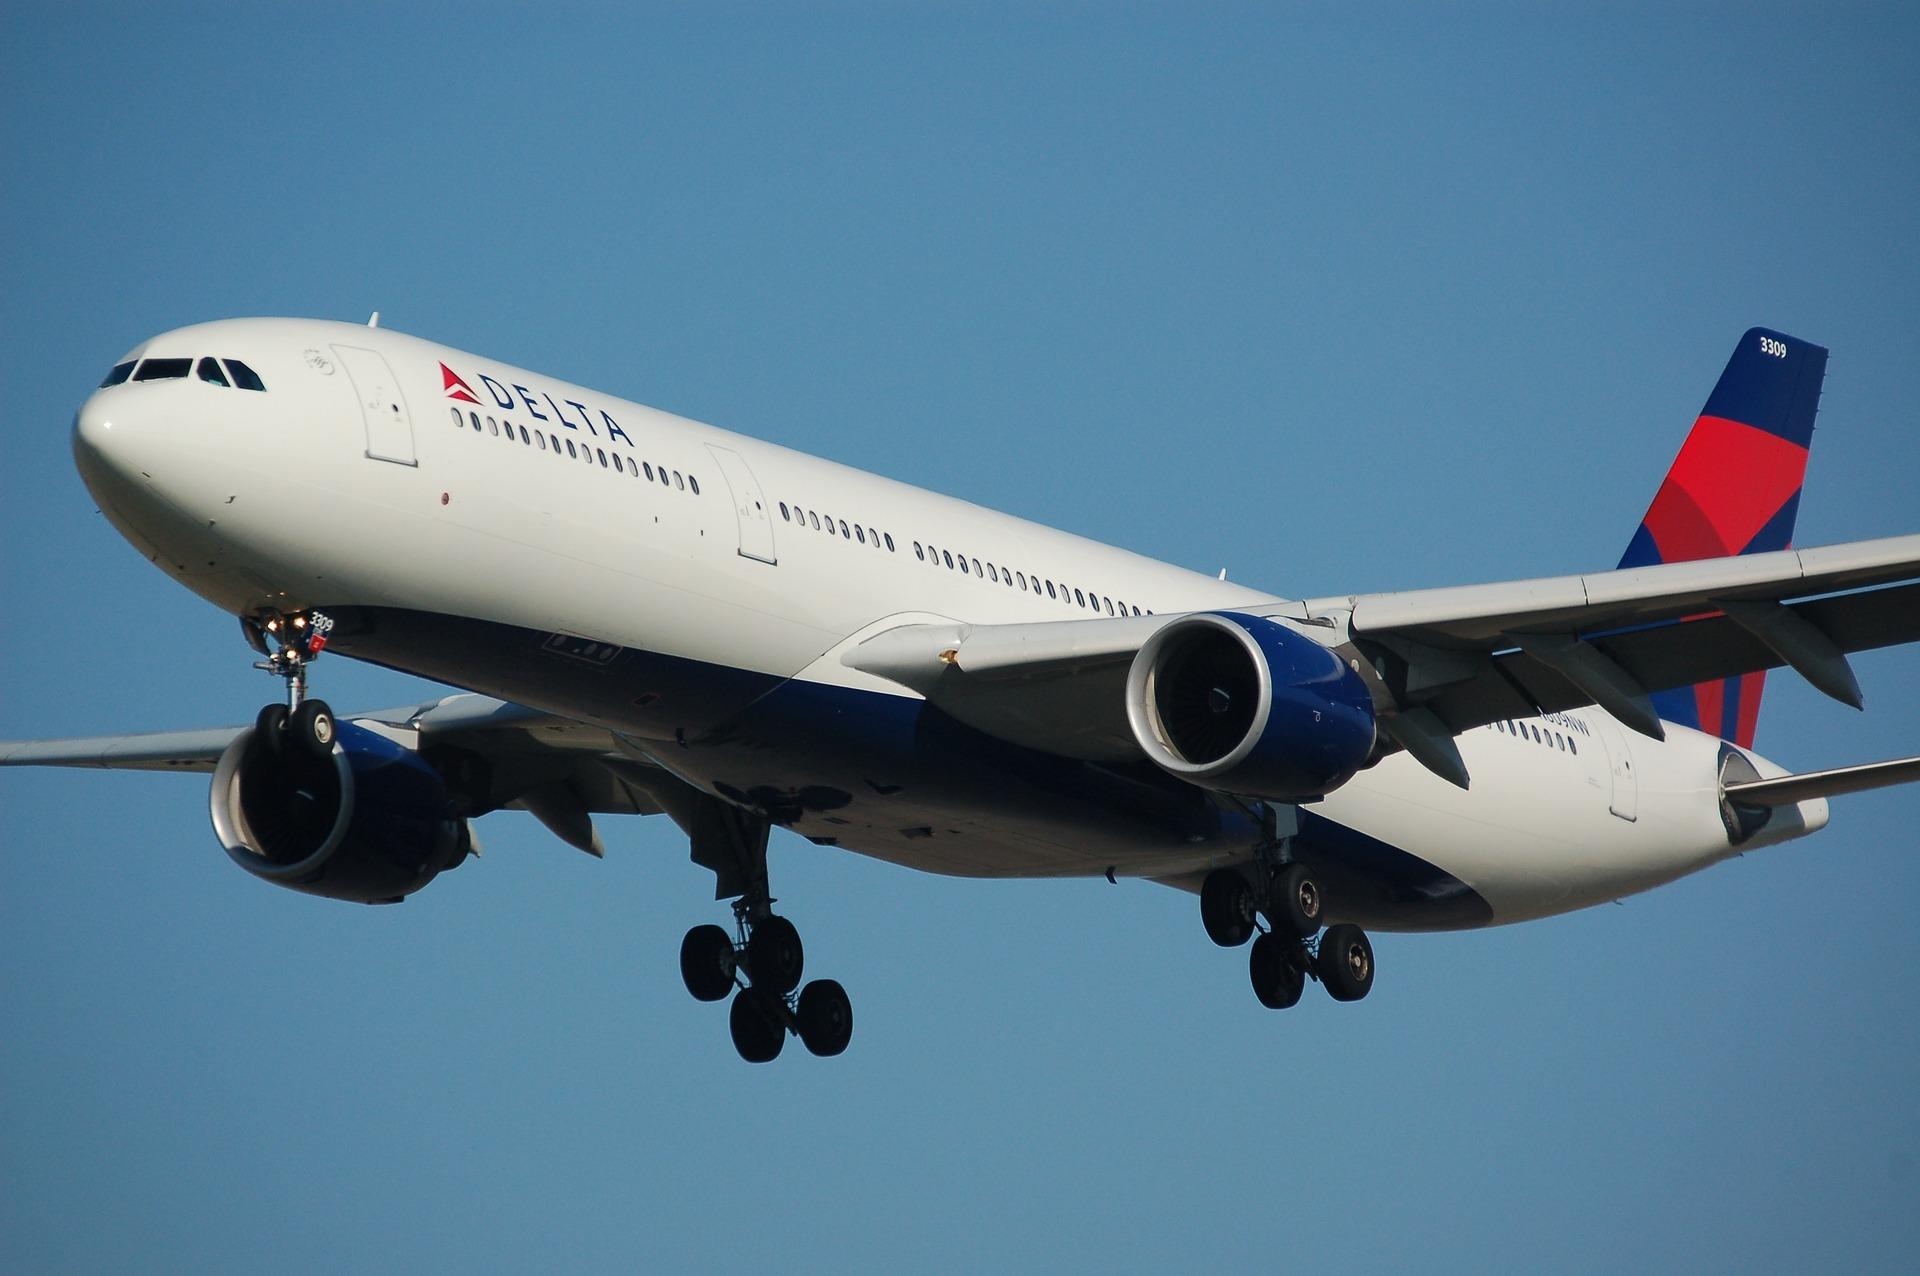 Delta Flight Fuel Dump Causes Injuries to 20 Children